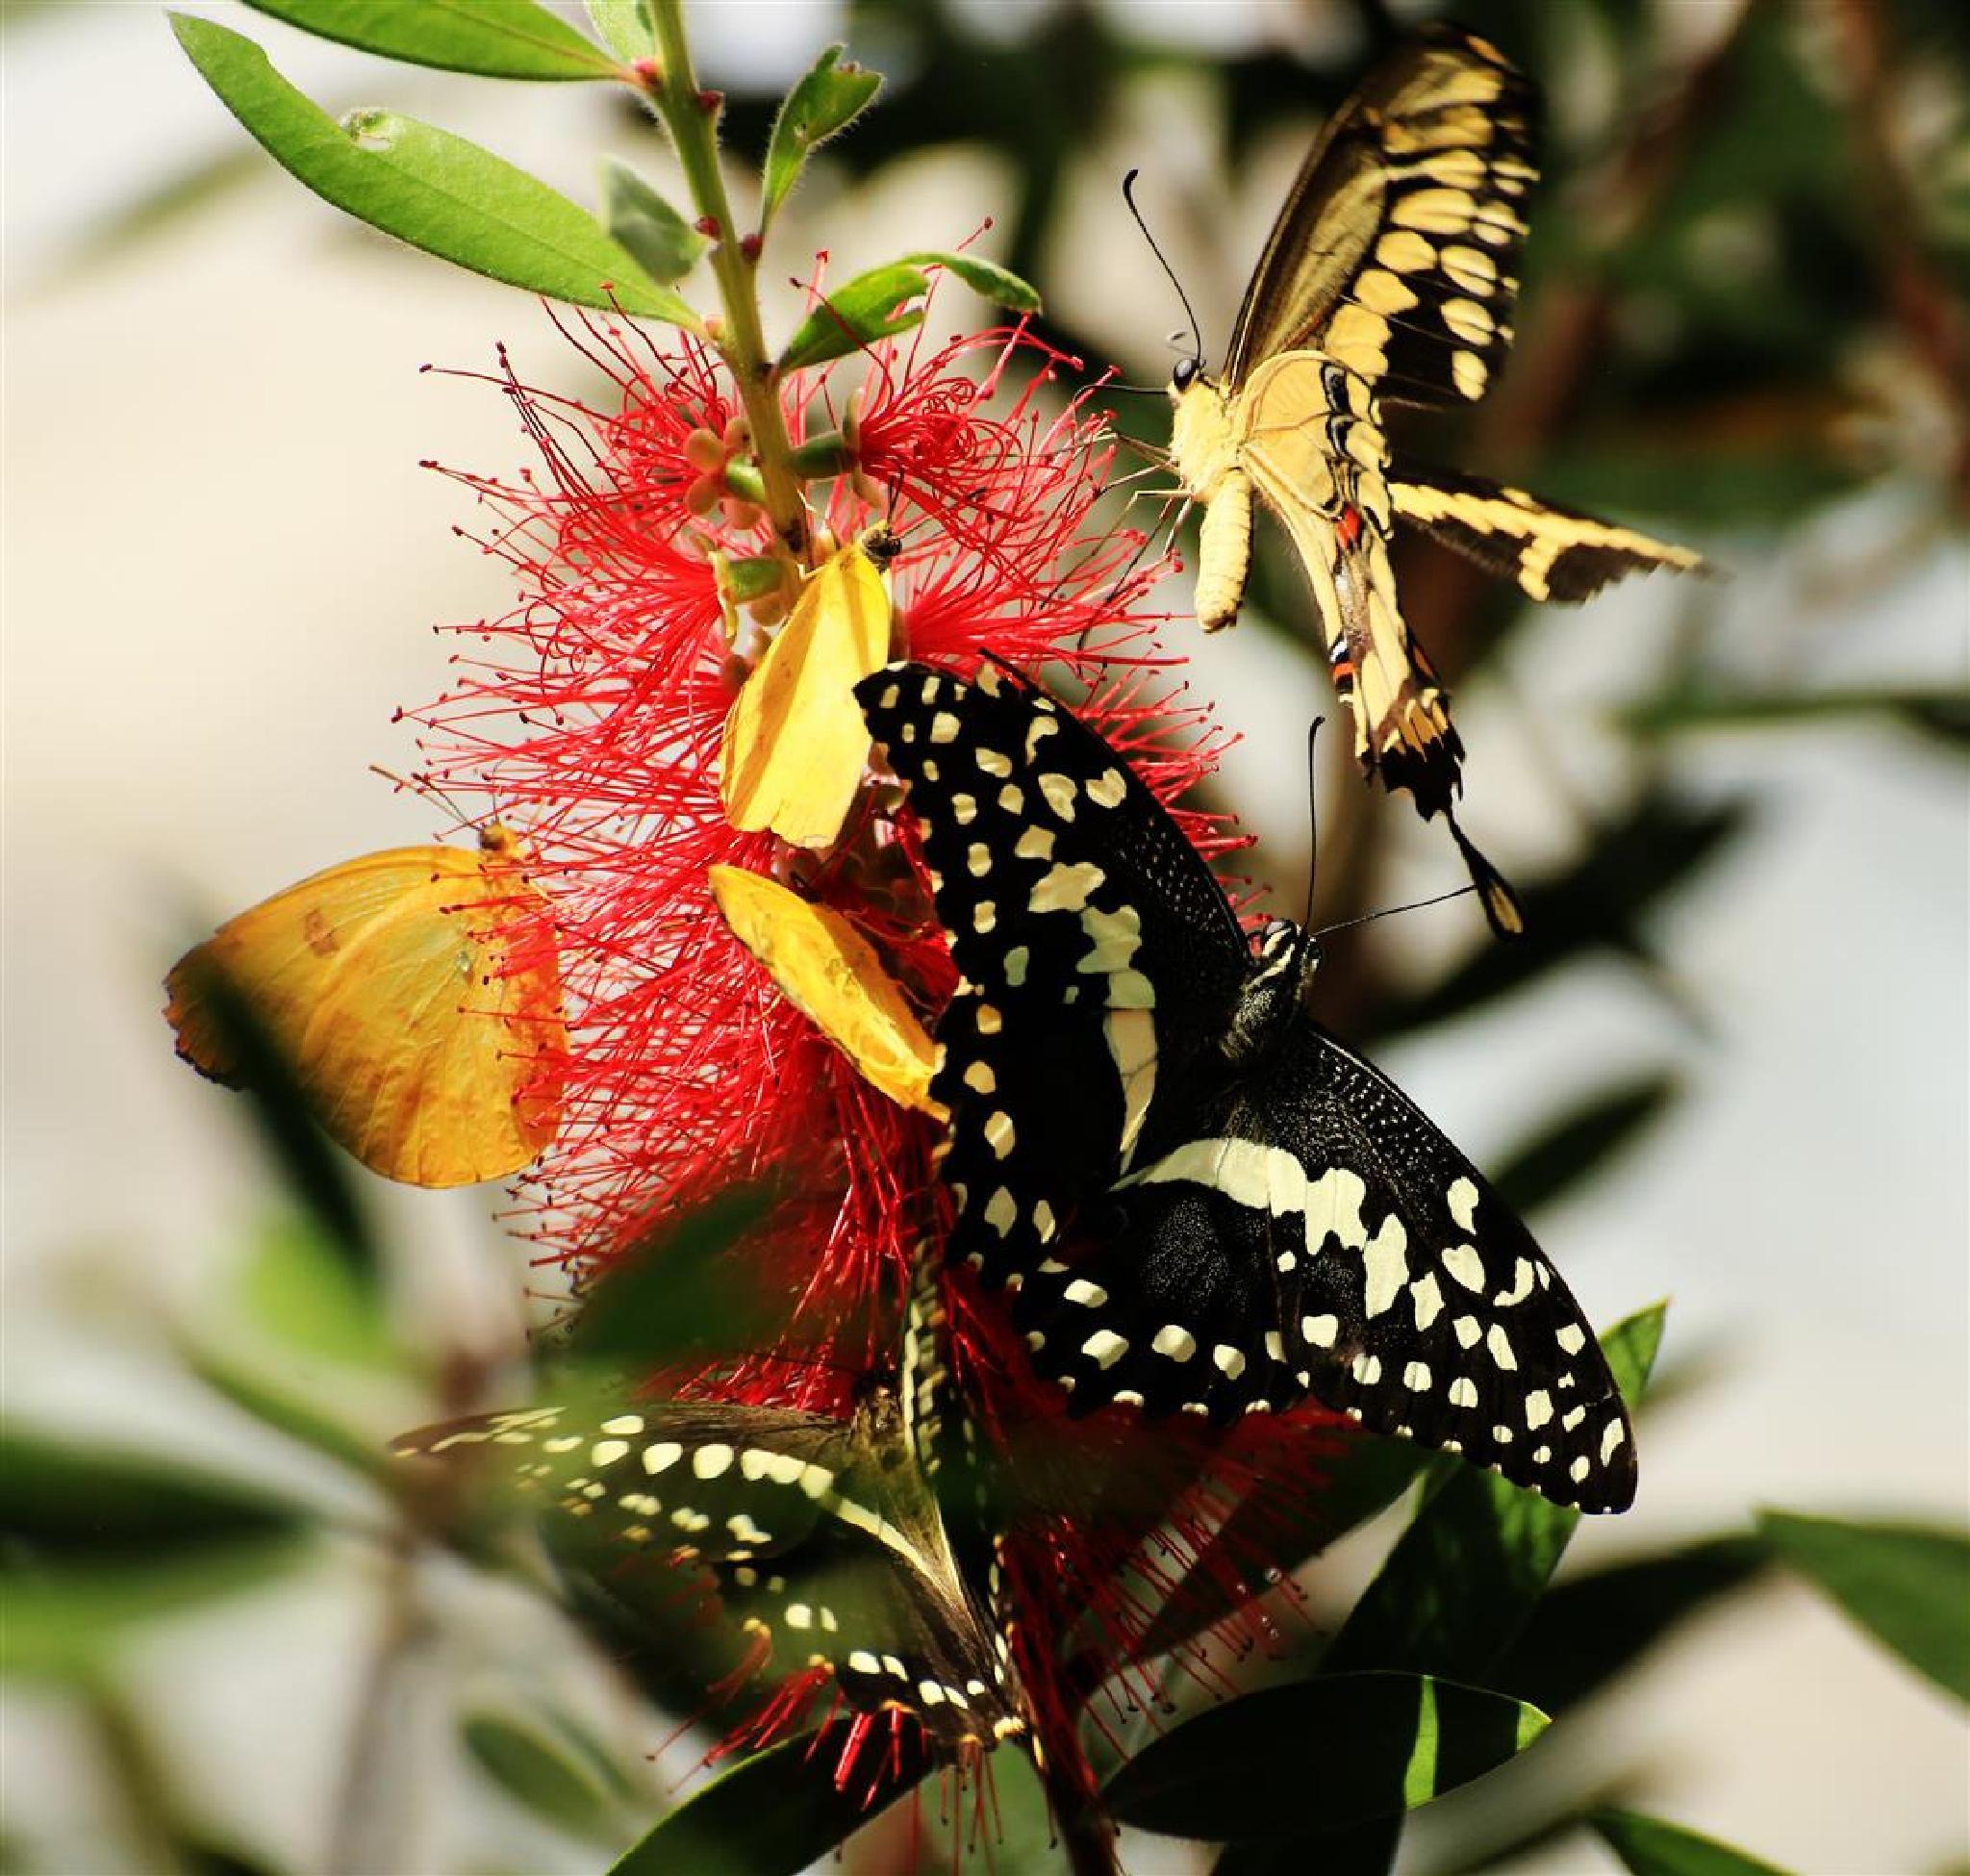 Butterfly Bottle Brush III by portillo45